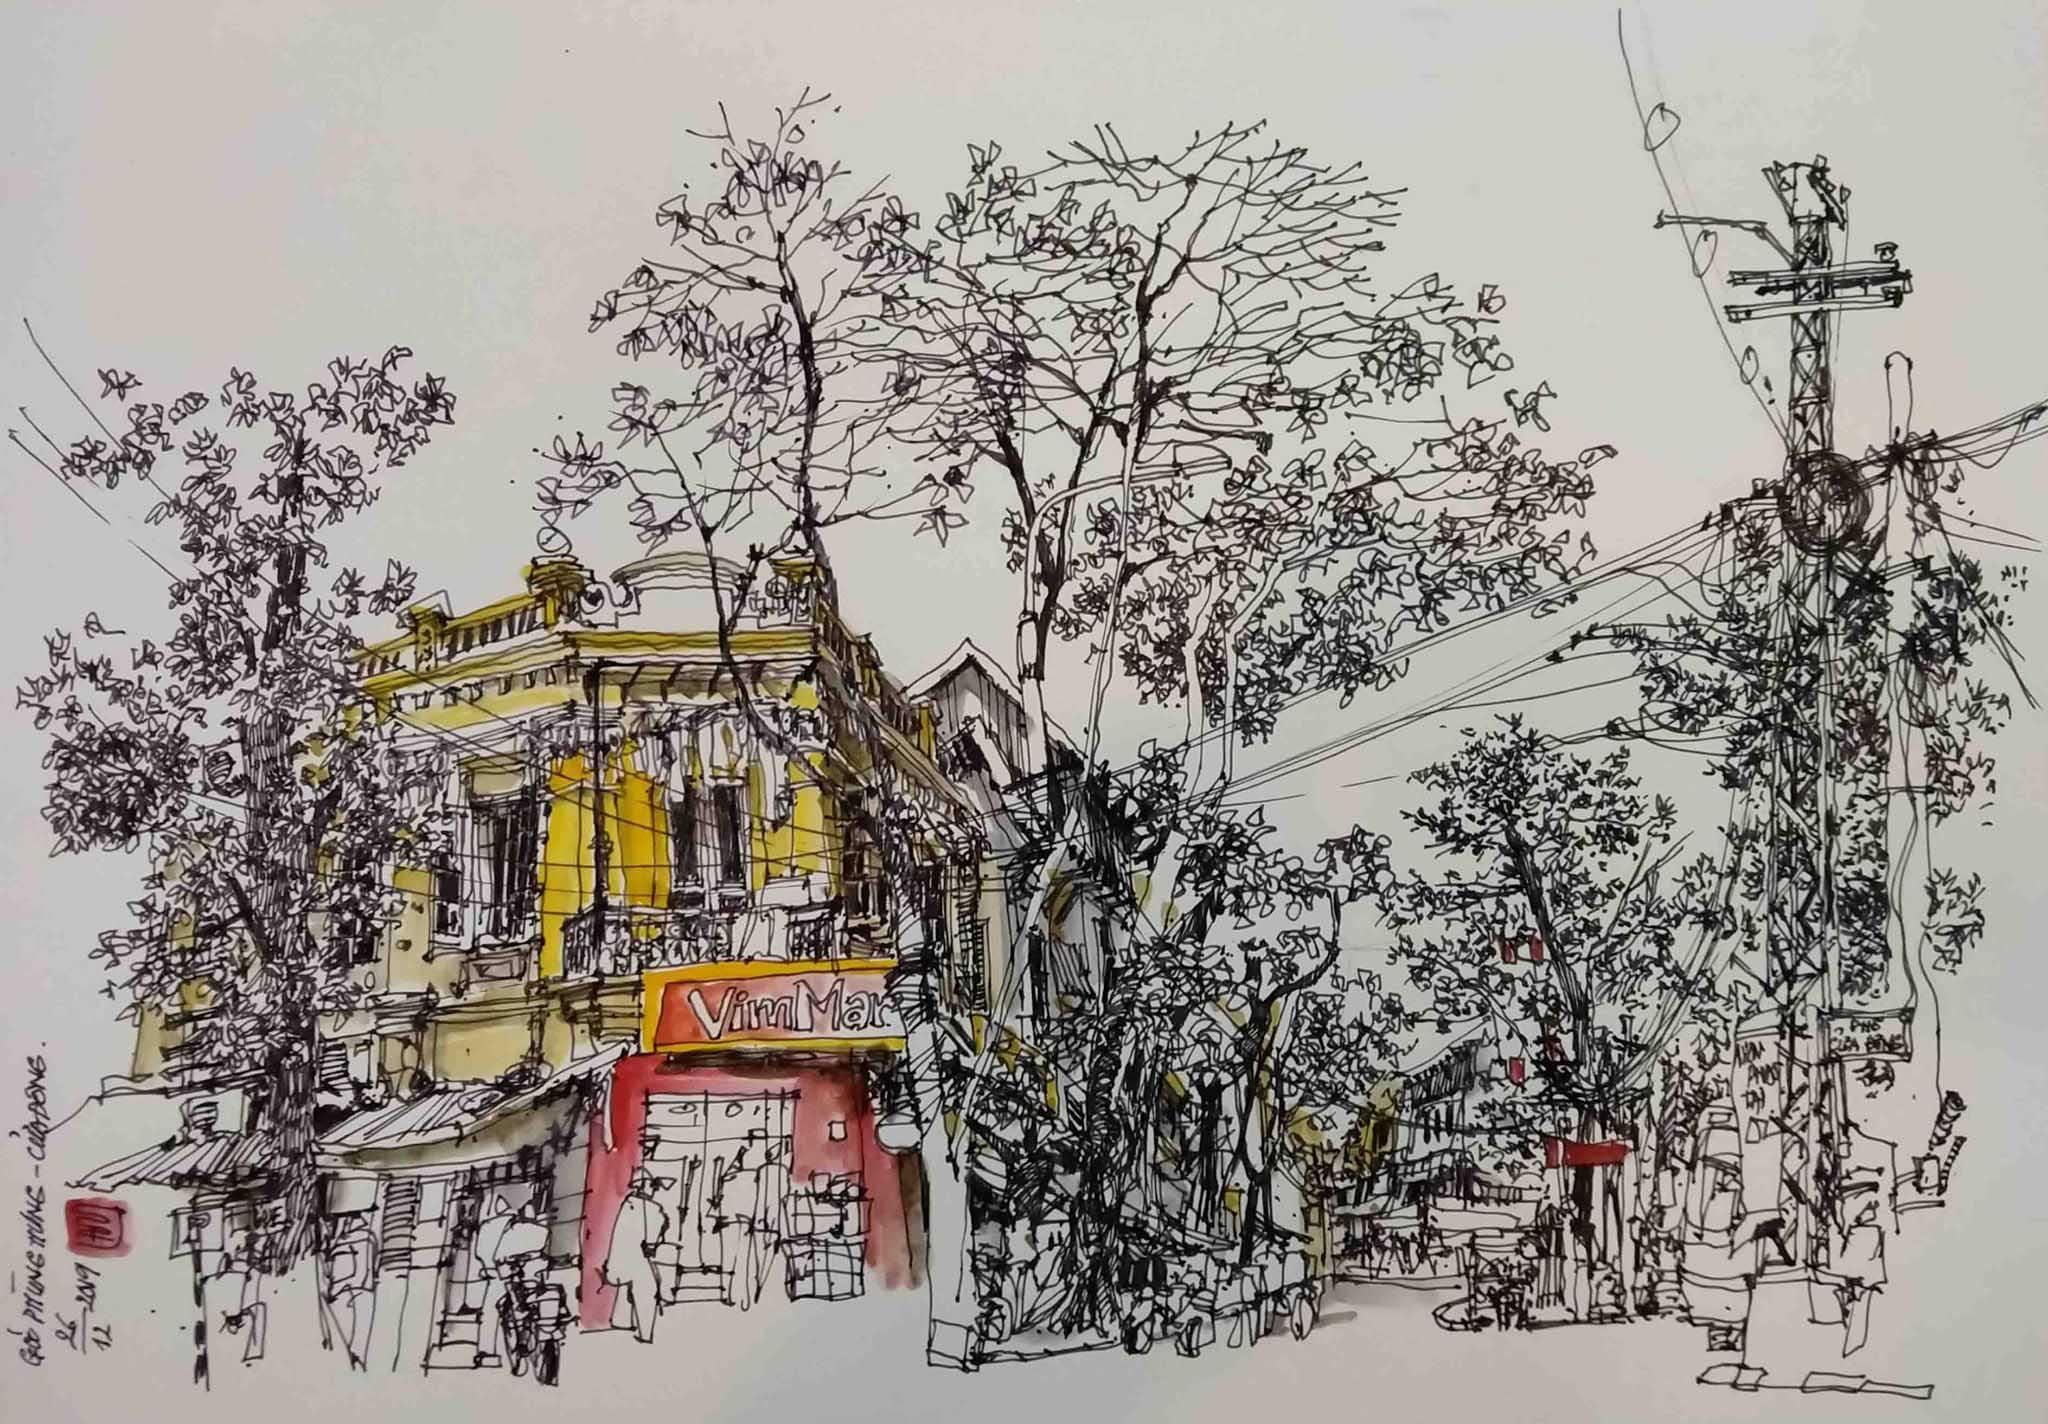 Ký họa: Góc Phùng Hưng - Cửa Đông Tác giả: Nguyễn Hoàng Lâm